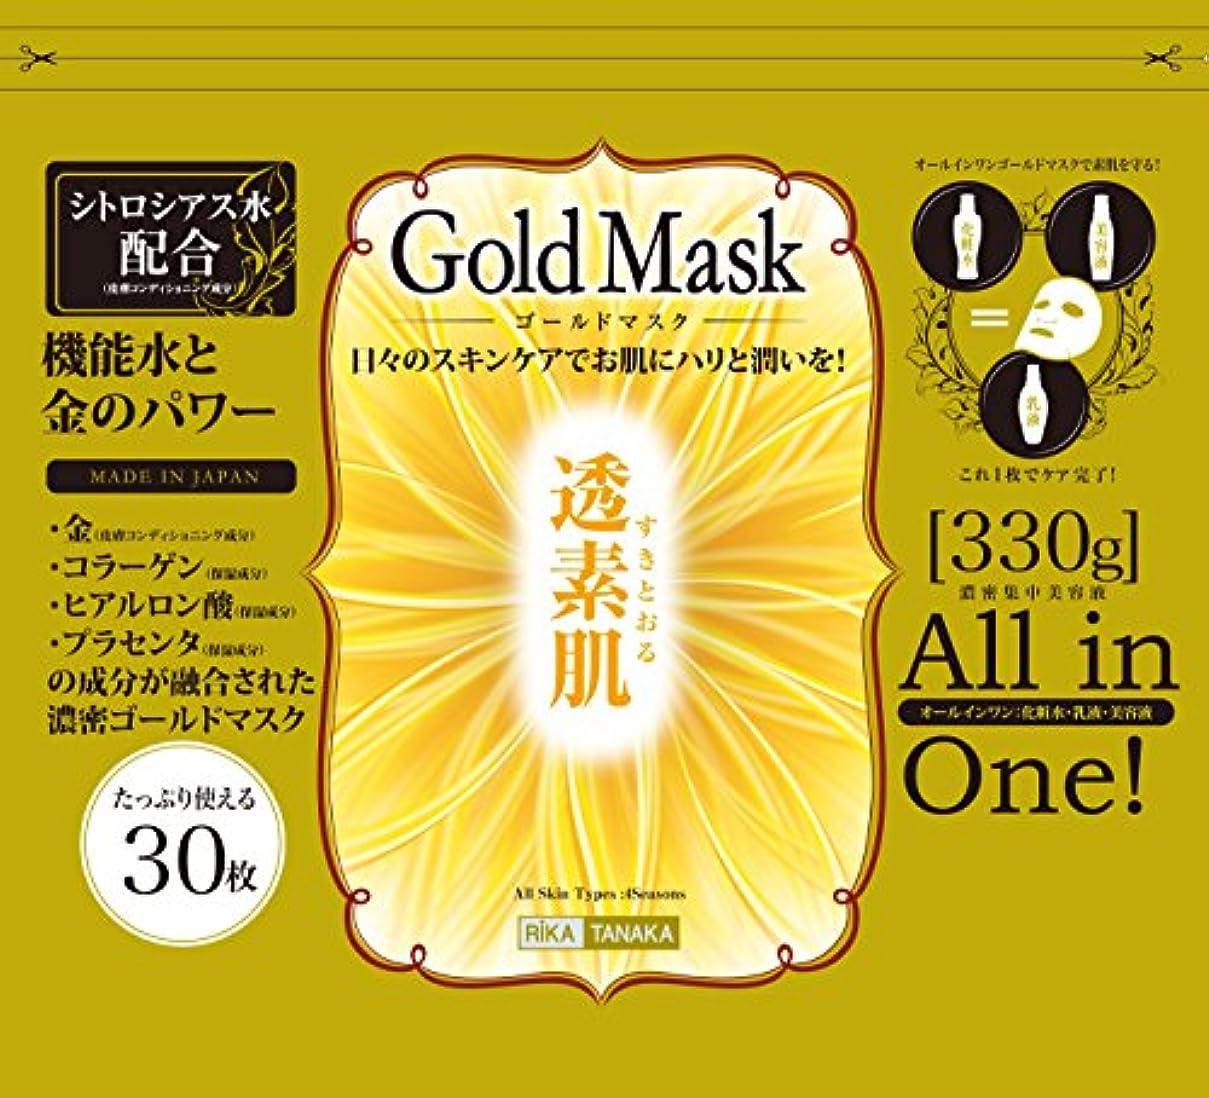 意気揚々スリッパスリッパ金箔入りフェイスマスク 透素肌ゴールドマスク